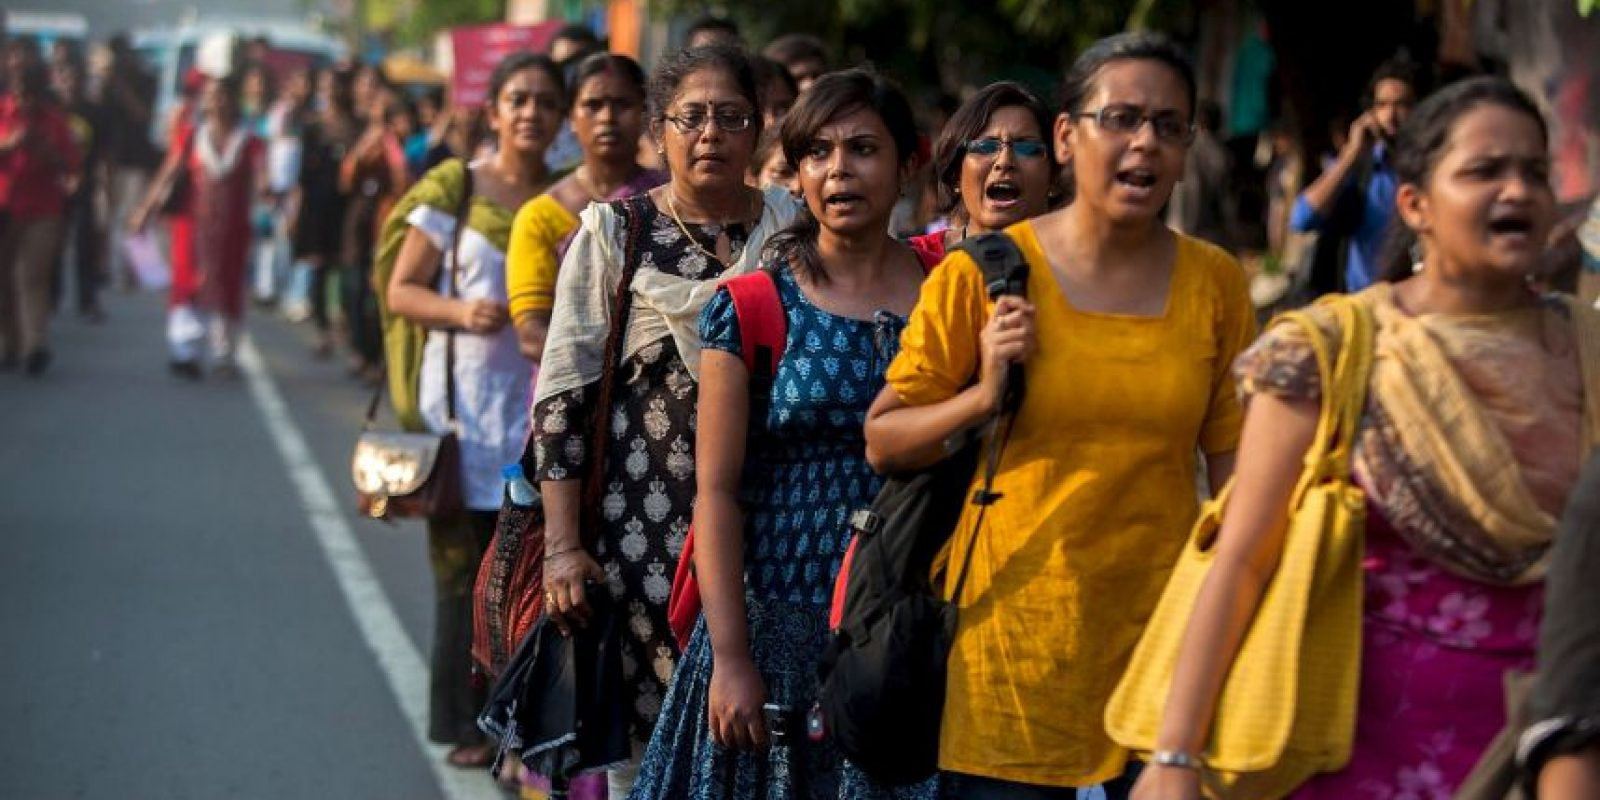 El 26.3% fueron mujeres adolescentes (entre 14 y 18 años) Foto:Getty Images